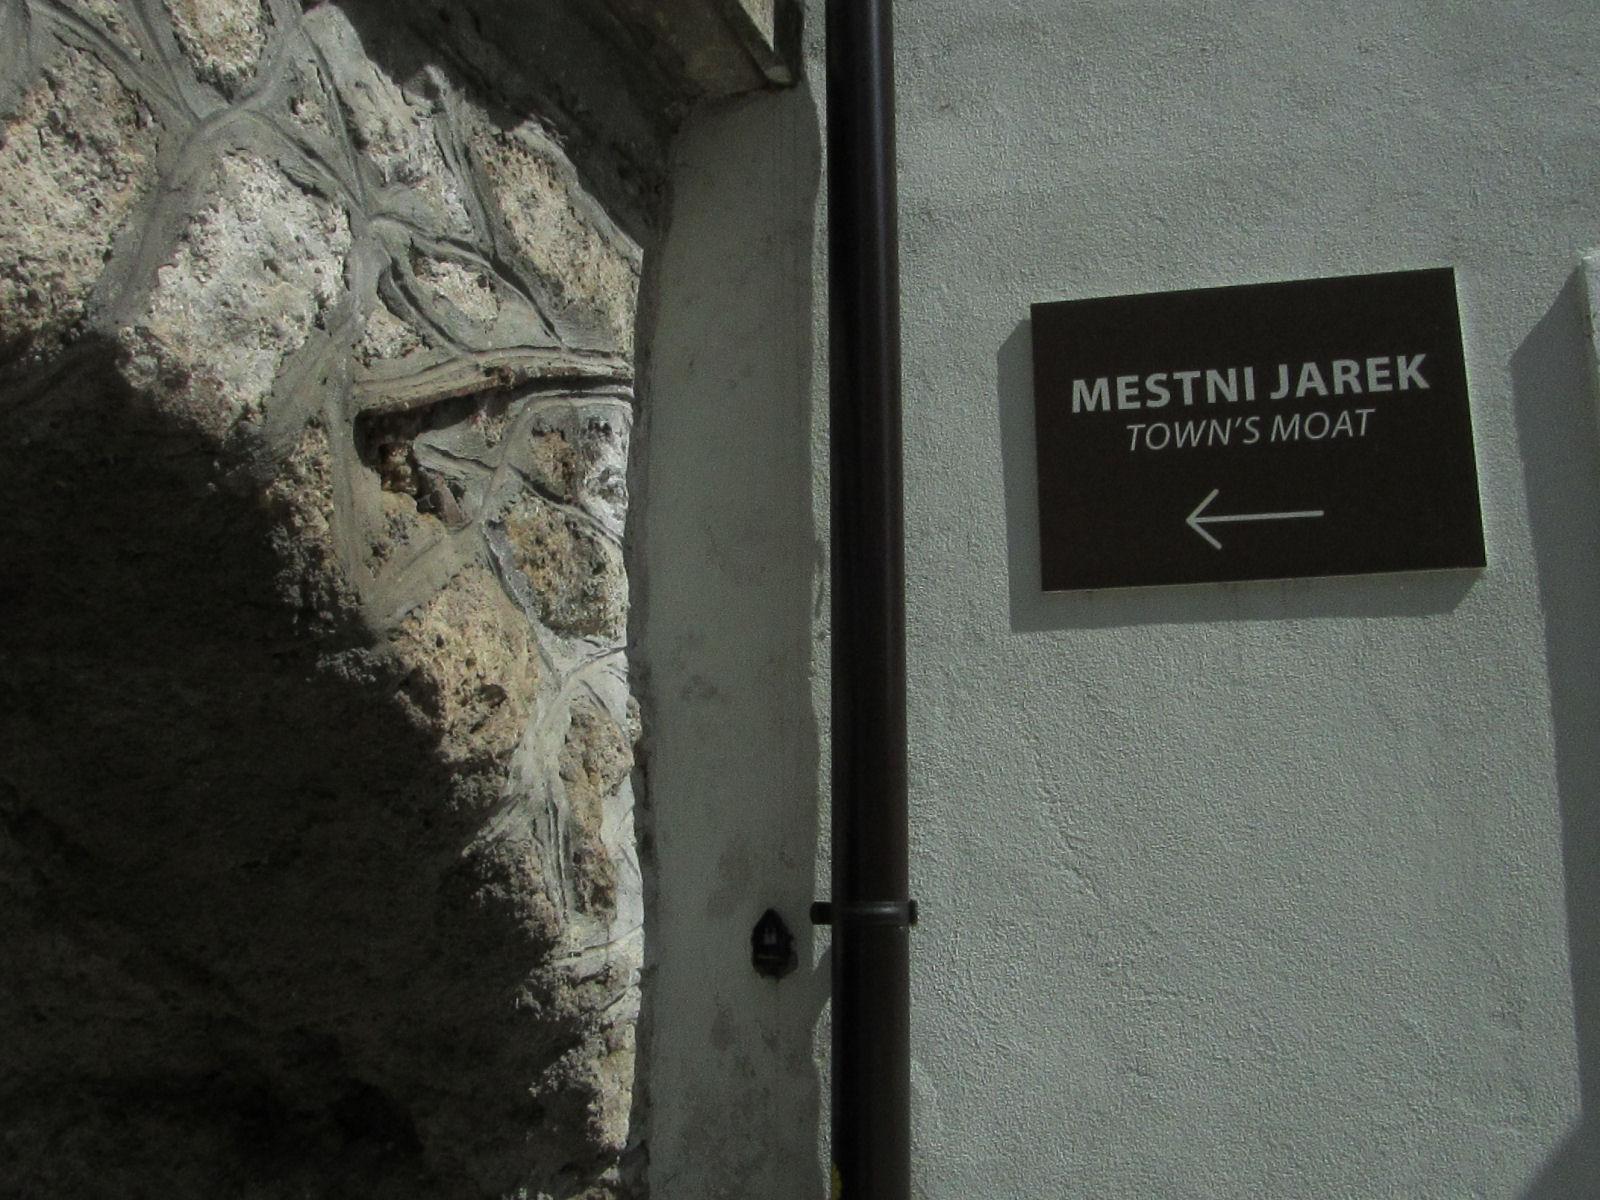 radovljica-medieval-old-town-8452